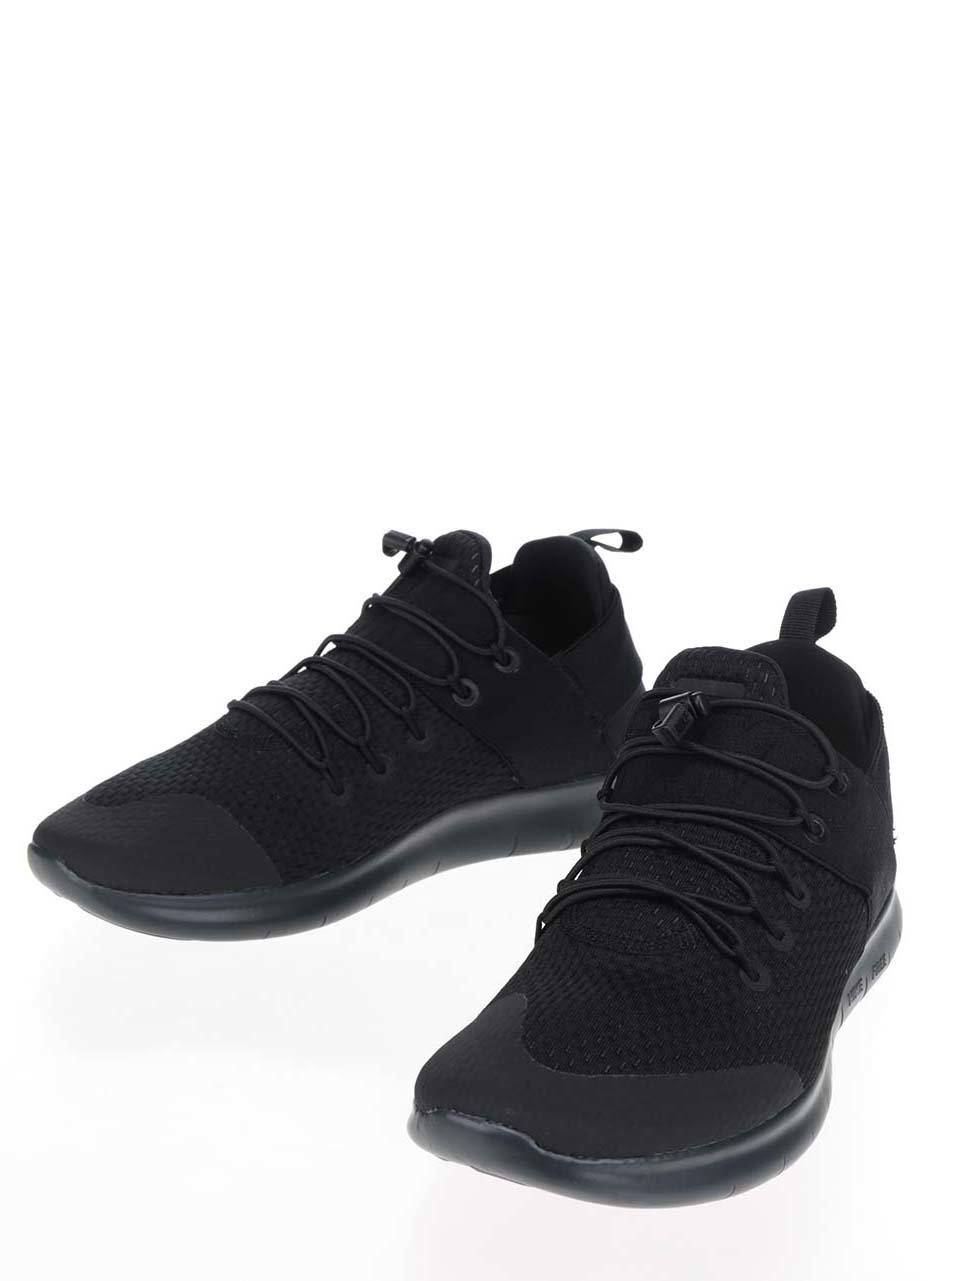 c8af565409af0 Čierne pánske tenisky Nike Free Commuter | ZOOT.sk